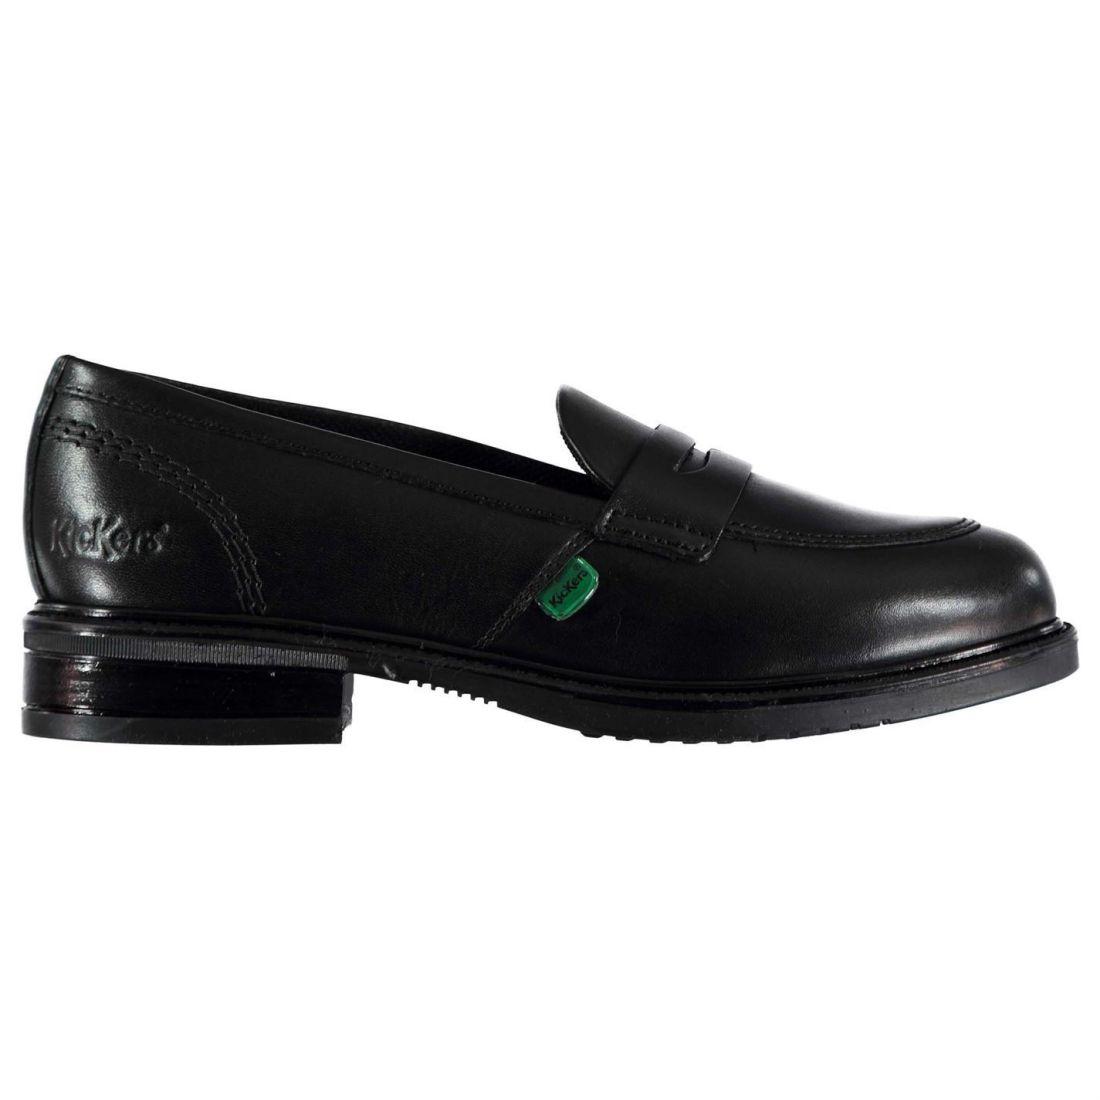 kickers girls lach loafer shoes kids slip on smart slight heel rh ebay co uk